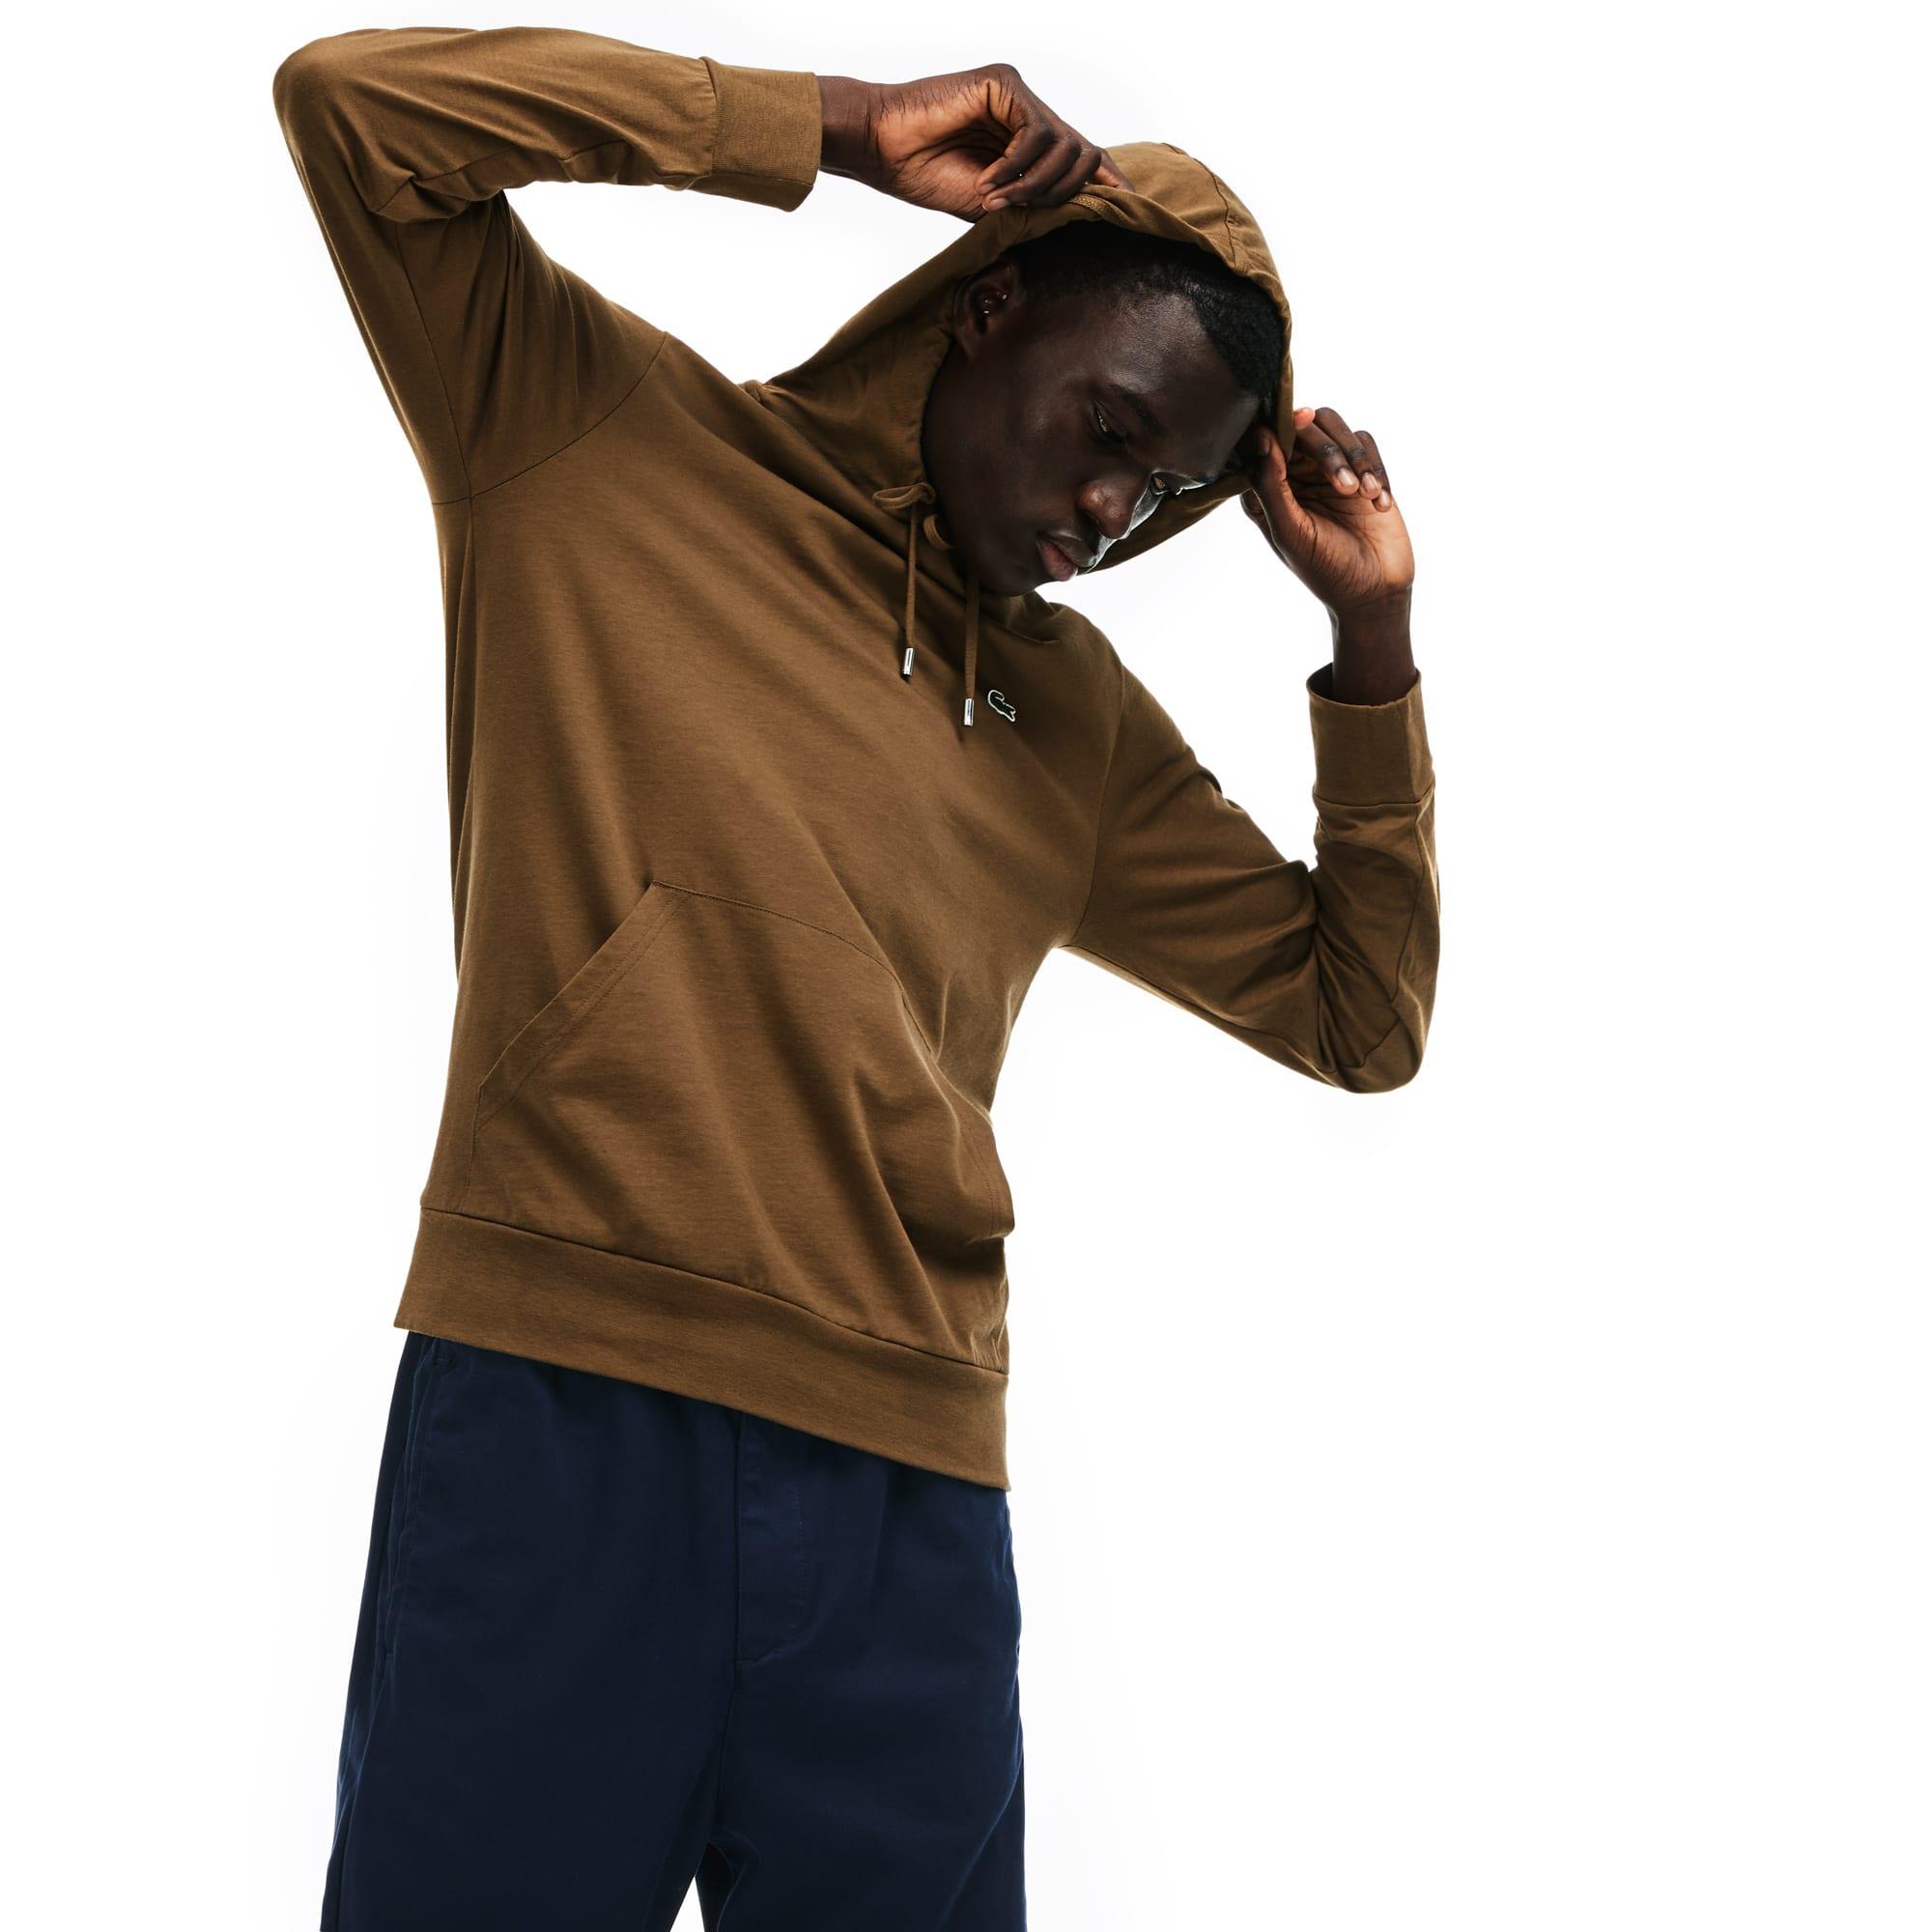 Men's Hooded Cotton Jersey Sweatshirt